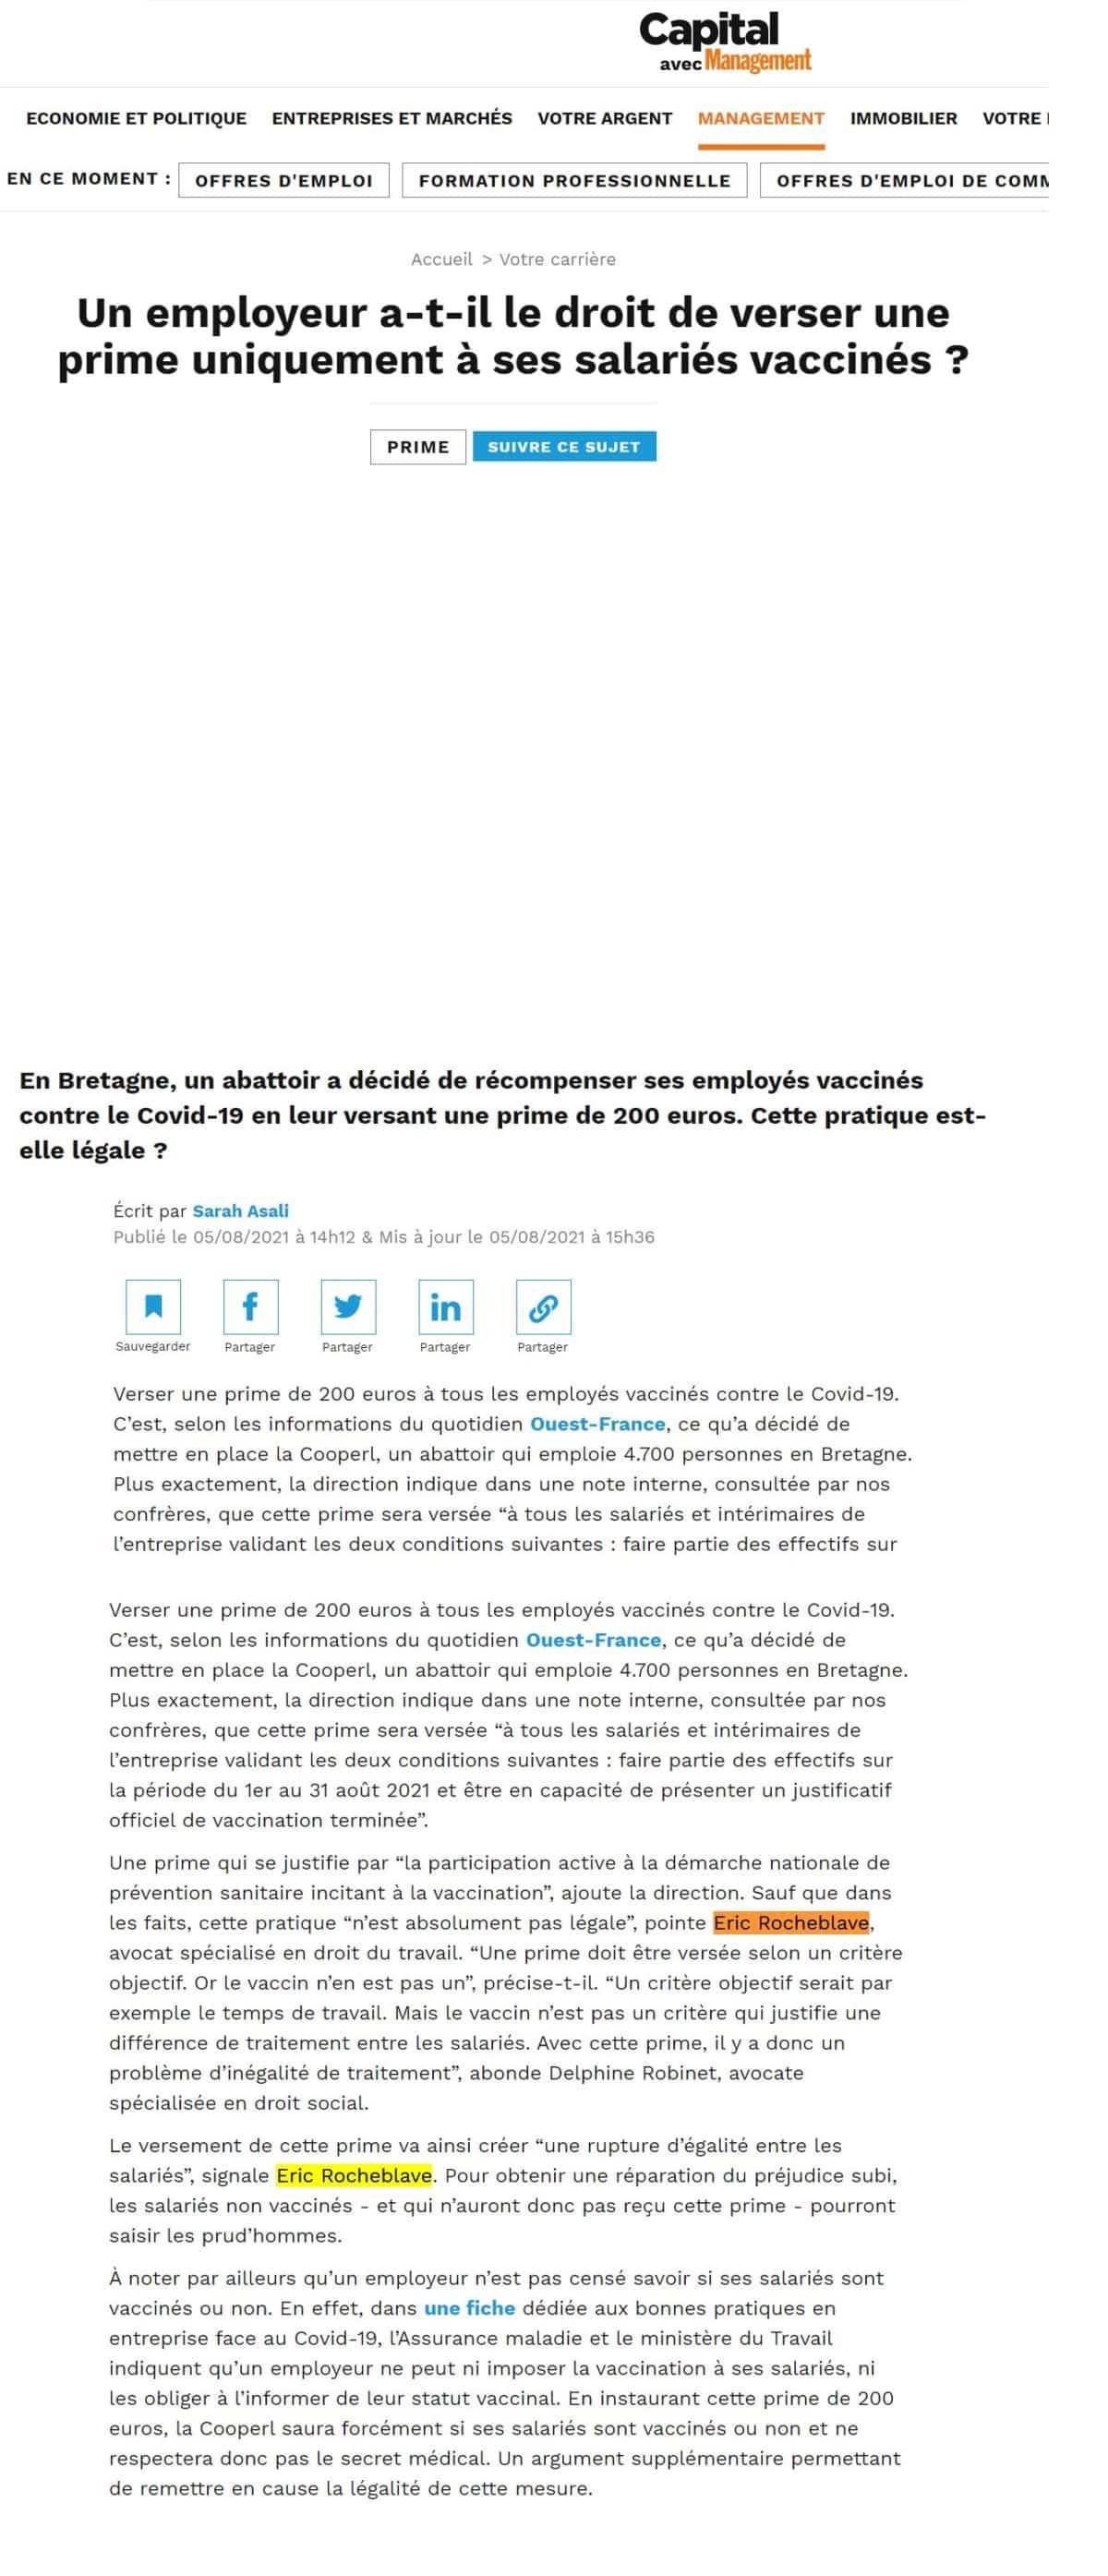 https://www.capital.fr/votre-carriere/un-employeur-a-t-il-le-droit-de-verser-une-prime-uniquement-a-ses-salaries-vaccines-1411395